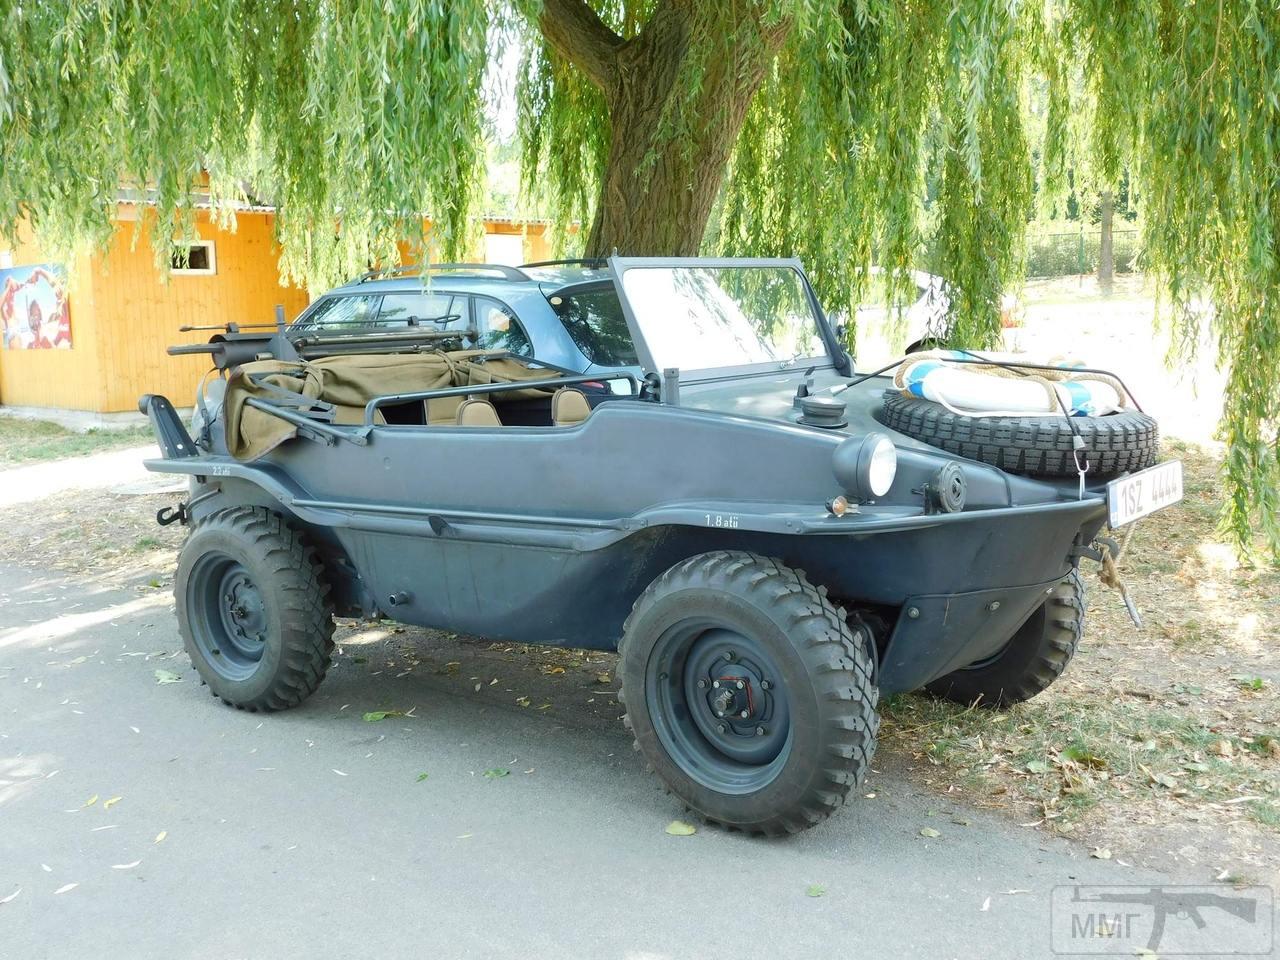 104171 - Грузовые и спец.автомобили Третьего рейха